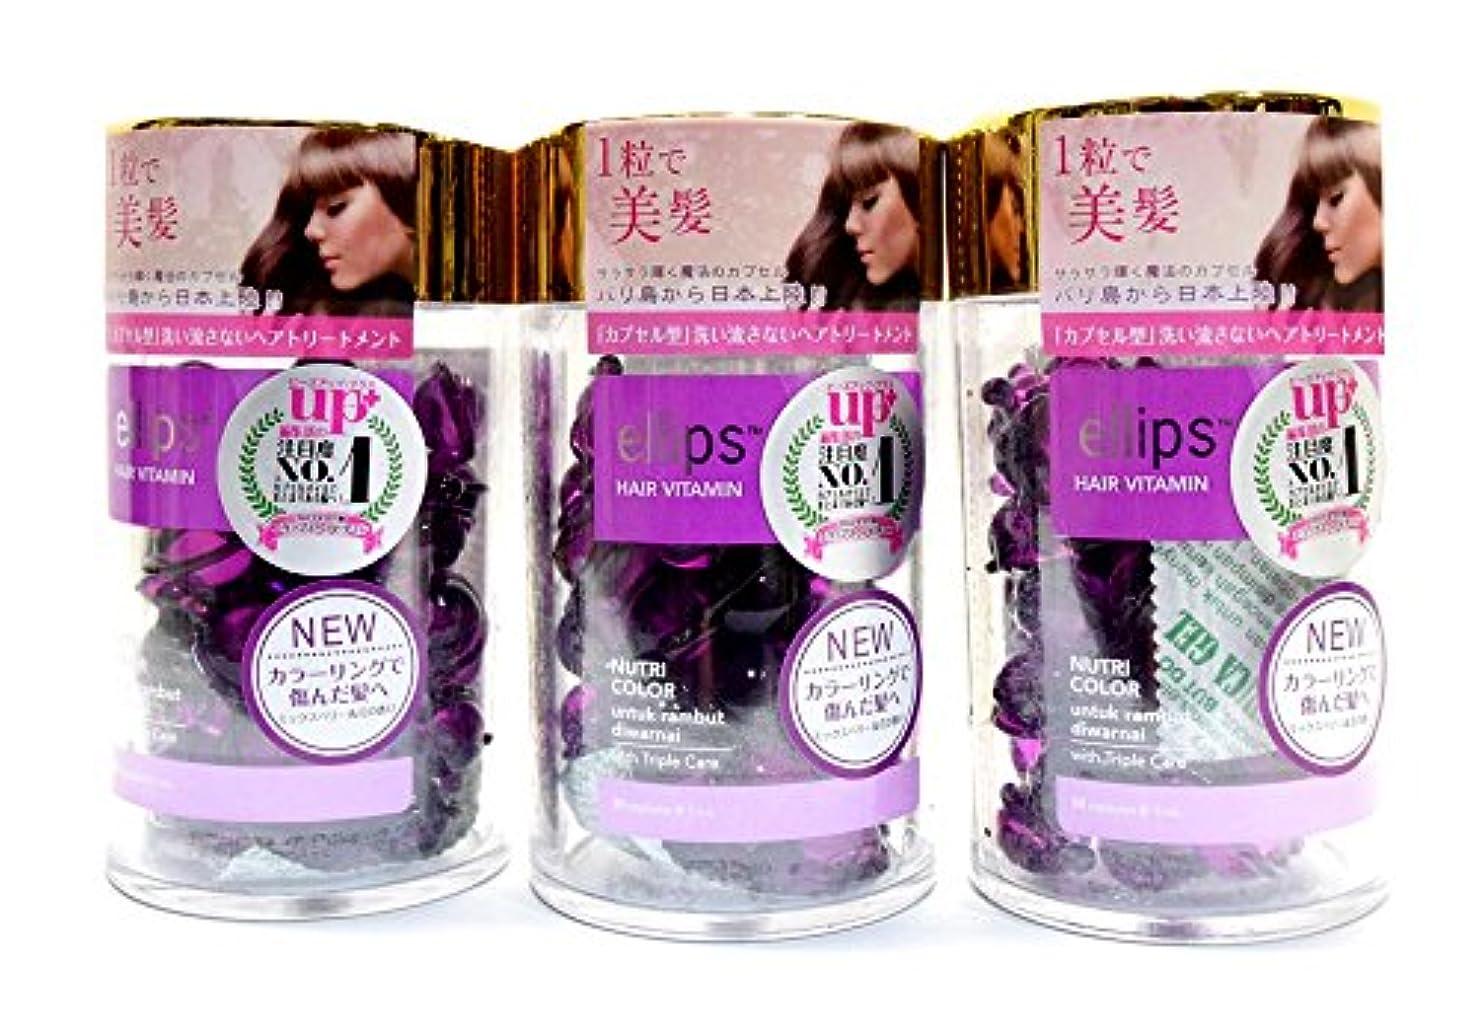 パイルフォルダもっともらしいellips エリップス ヘアビタミン 50粒入 人気の3カラー 3本セット 正規品 日本語成分表記 (Purple パープル)